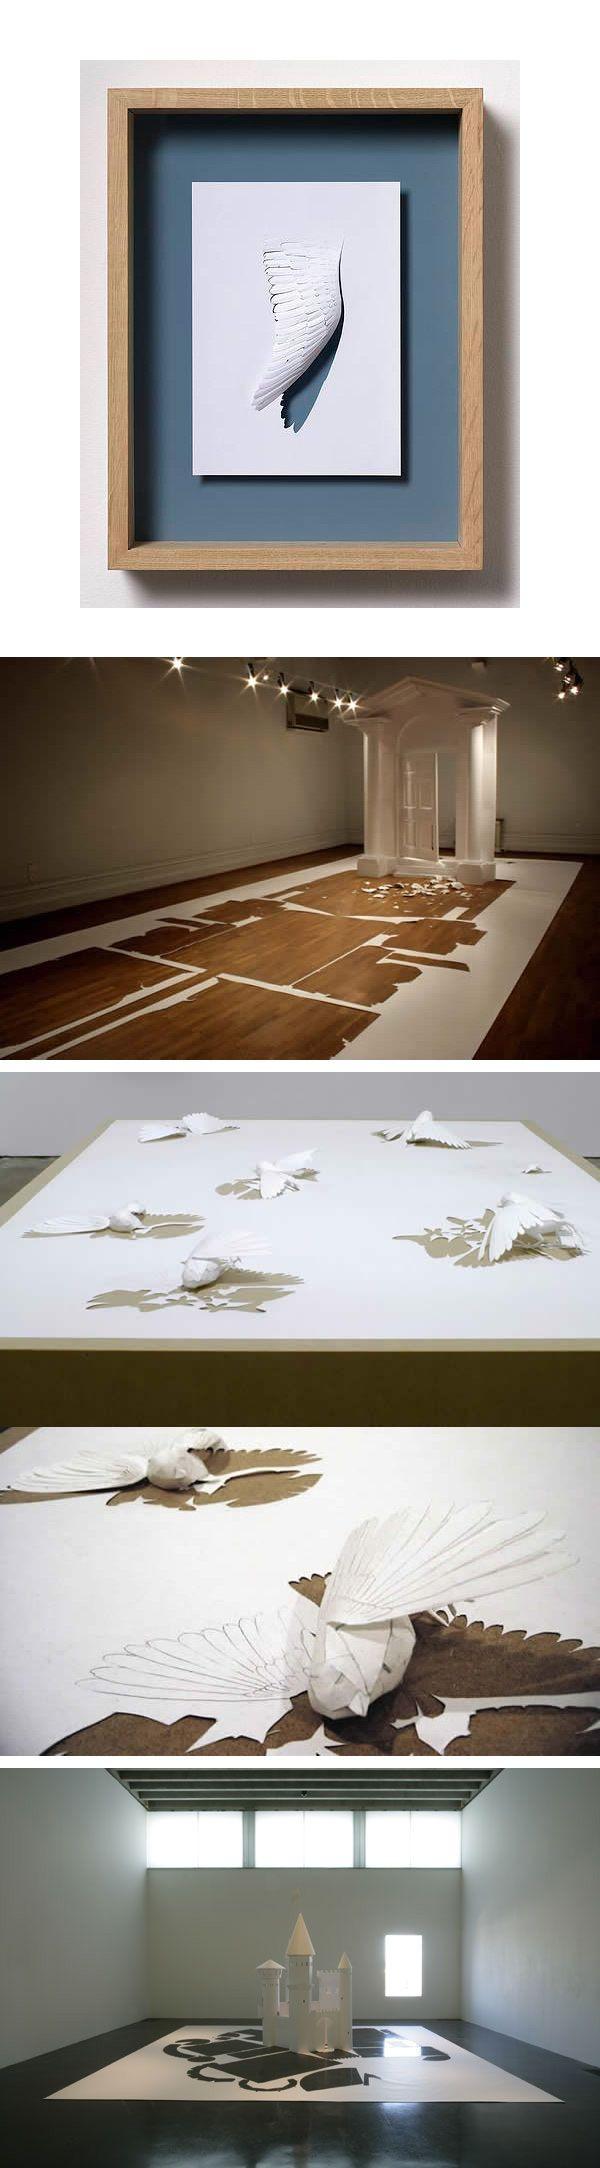 Peter Callesen - 100 créations uniques à découvrir sur l'art du papier ! - graphisme